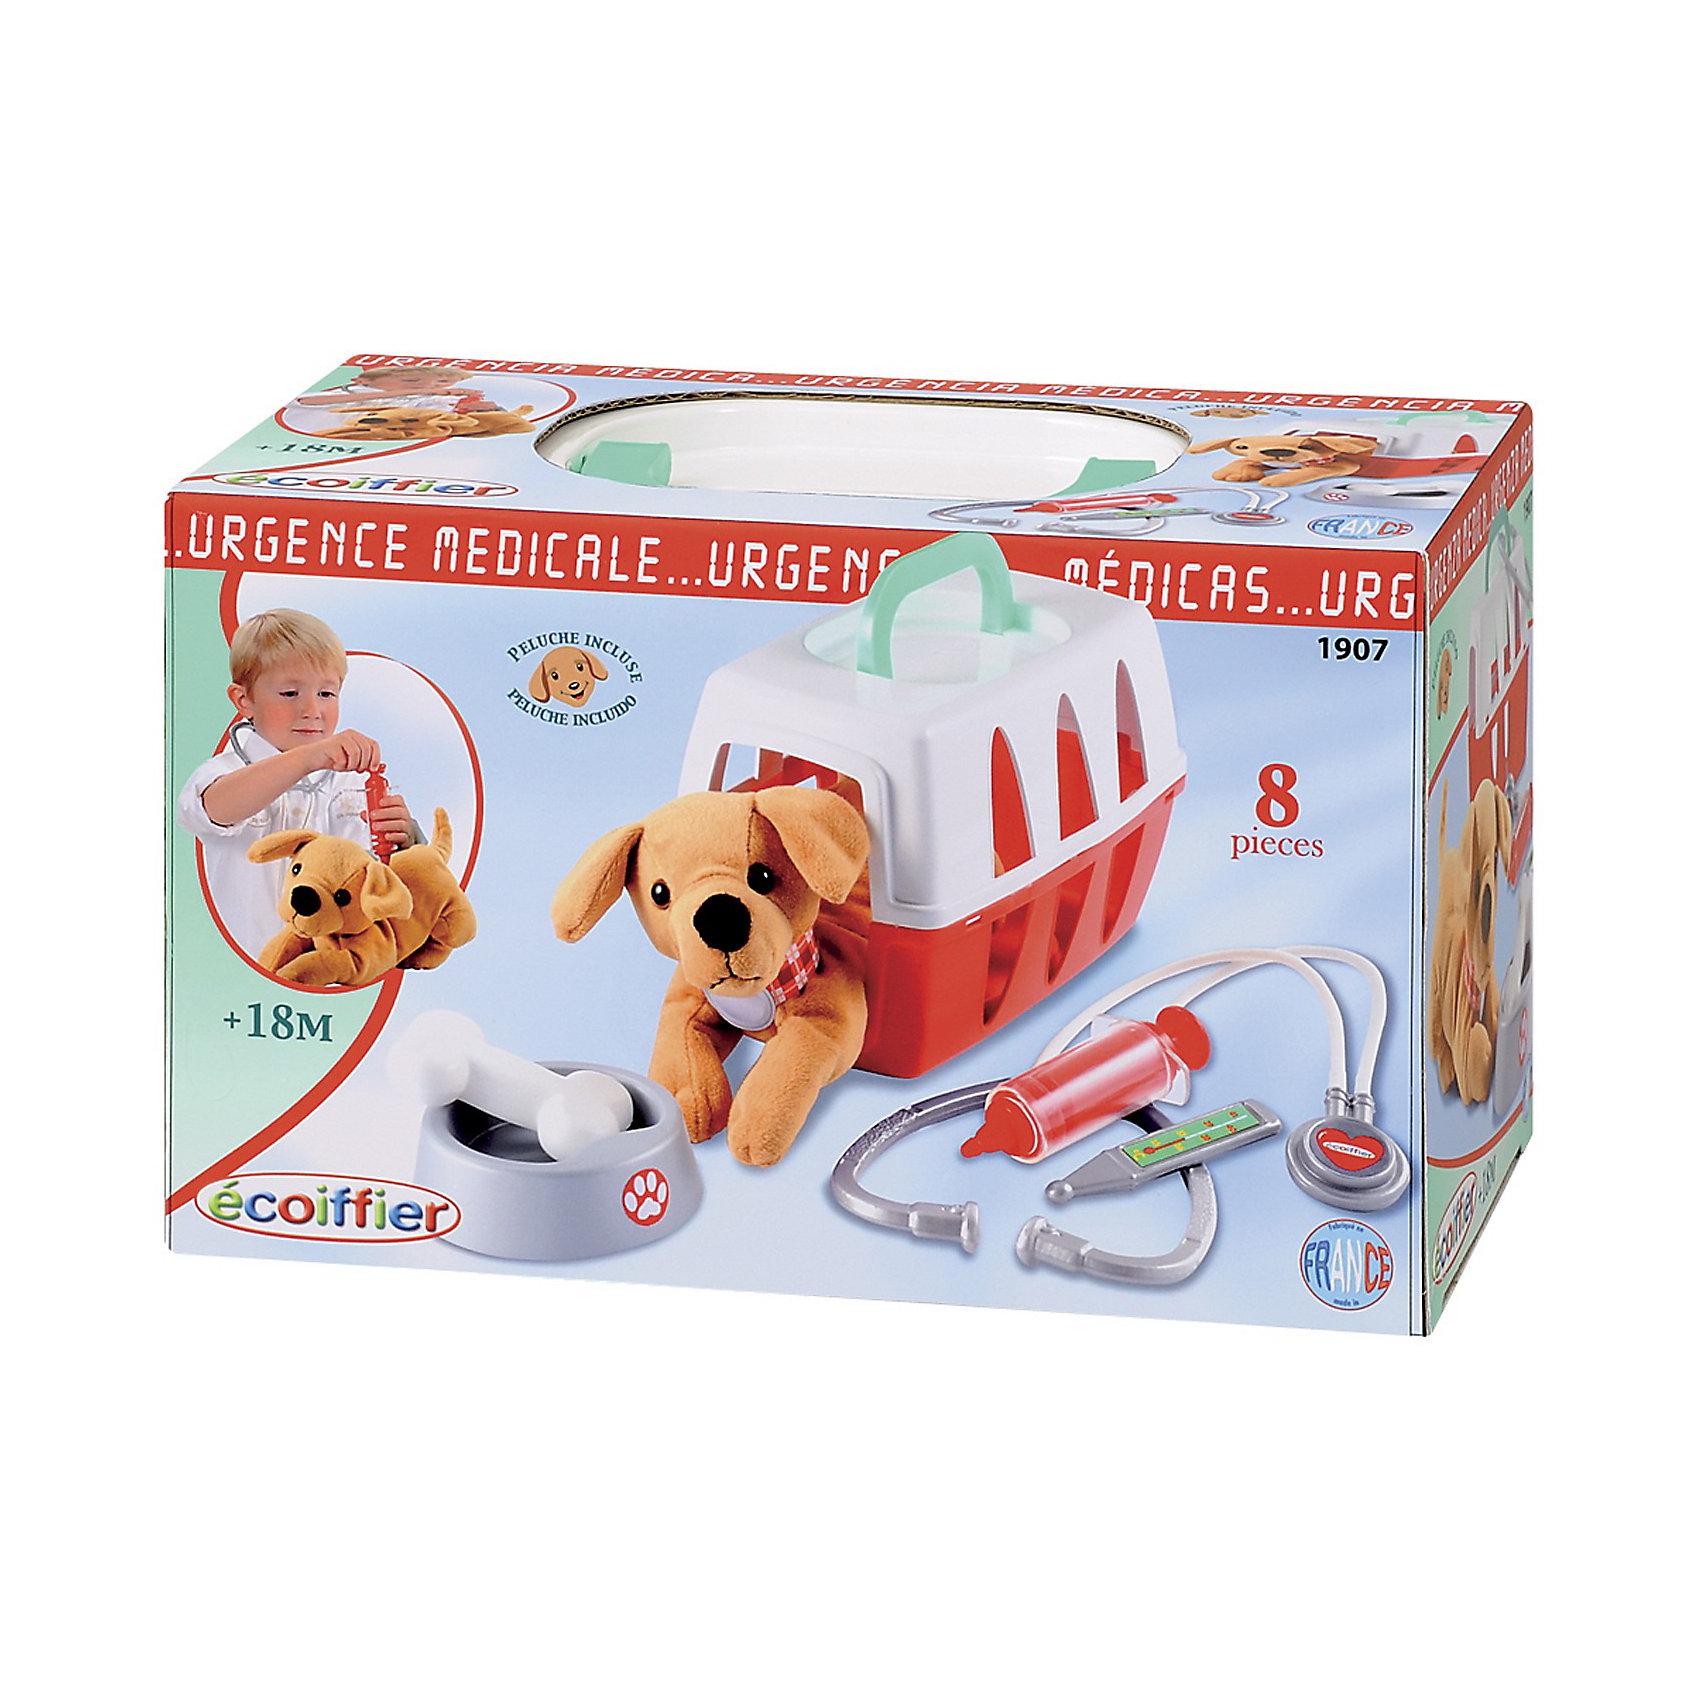 Набор ветеринара в чемоданчике, SmobyСюжетно-ролевые игры<br>Набор ветеринара в чемоданчике от Smoby это игрушка для детей, которые любят животных, и хотели бы научиться их лечить. Такая игра научит вашего малыша заботиться о питомце. Наборе ветеринара есть все необходимое, чтобы вылечить маленького плюшевого пациента.<br><br>Набор ветеринара в чемоданчике непременно порадует будущего доктора!<br><br>Дополнительная информация:<br><br>- В комплекте: плюшевая собачка в ошейнике, медицинские инструменты (термометр, стетоскоп и шприц) для осмотра и лечения вашего питомца, миска с угощением для вашего питомца в виде аппетитной косточки и пластиковый контейнер-переноска.<br>- Материал: пластик, текстиль<br>- Размеры чемоданчика: (Д)24 Х (Ш)14 Х(В) 15 см<br>- Размеры упаковки: (Д)25 Х (Ш)14 Х(В) 15,8 см<br><br>Игрушку Набор ветеринара в чемоданчике, Smoby можно купить в нашем интернет-магазине.<br><br>Ширина мм: 250<br>Глубина мм: 140<br>Высота мм: 150<br>Вес г: 1200<br>Возраст от месяцев: 18<br>Возраст до месяцев: 60<br>Пол: Унисекс<br>Возраст: Детский<br>SKU: 3373358